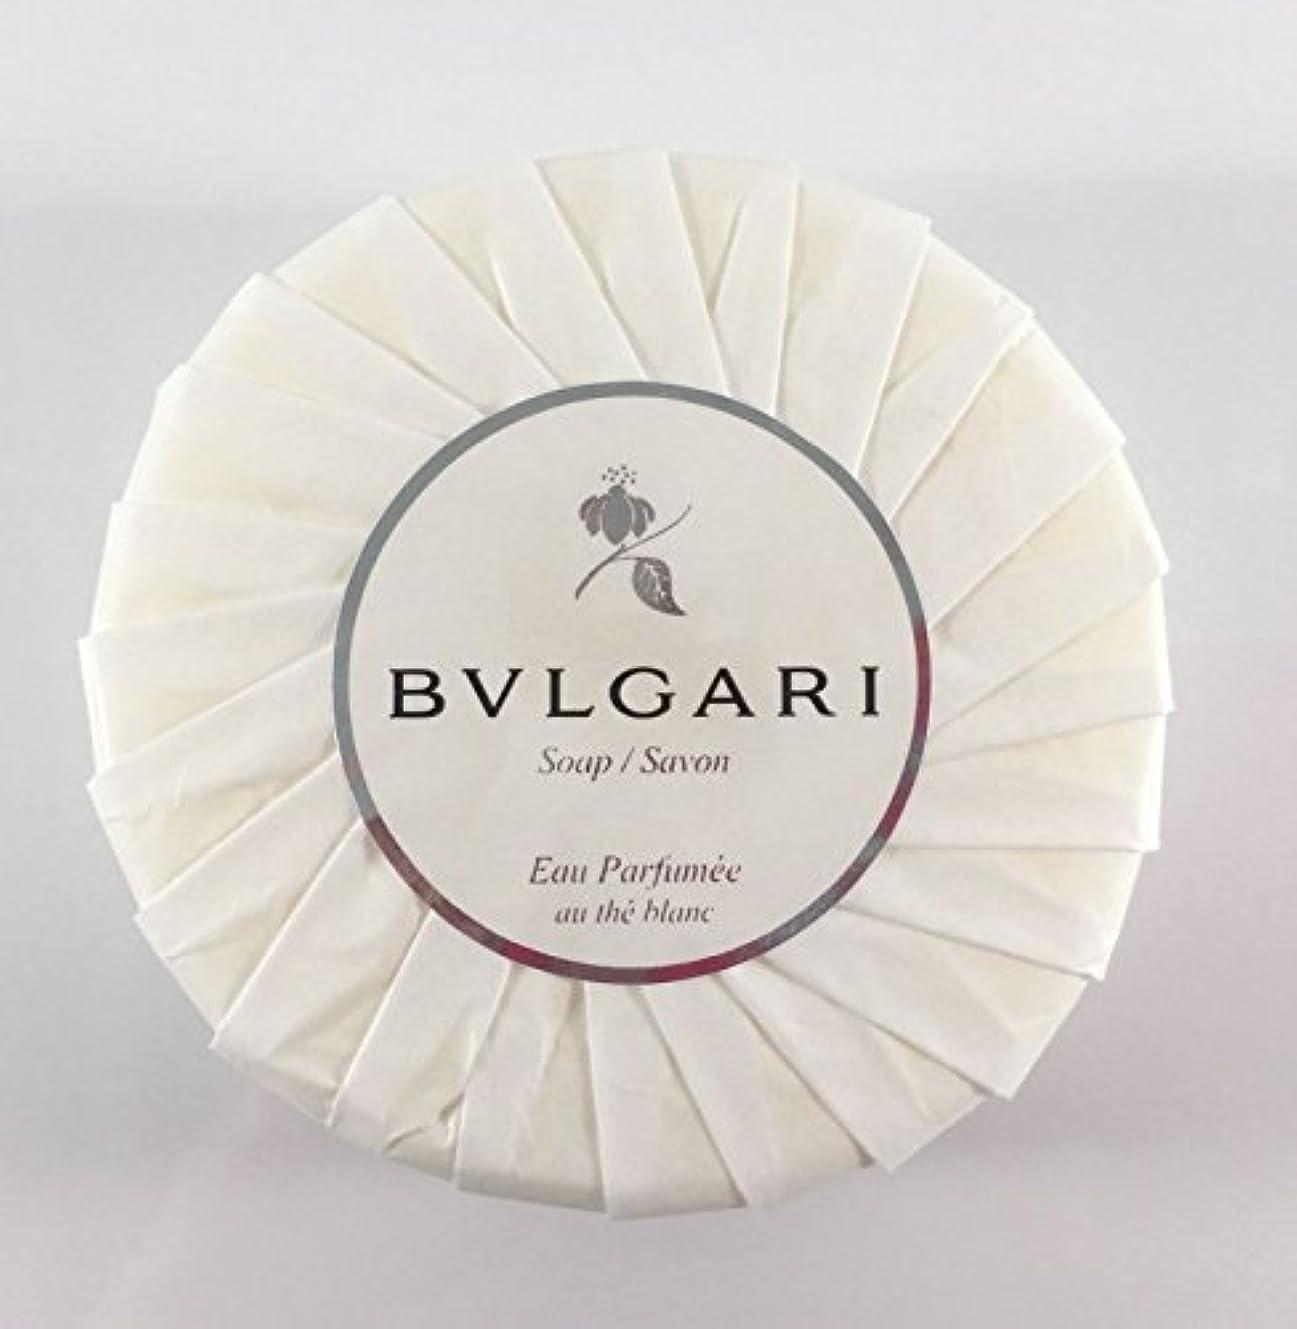 ささいな散る拡張ブルガリ オ?パフメ オーテブラン デラックスソープ150g BVLGARI Bvlgari Eau Parfumee au the blanc White Soap